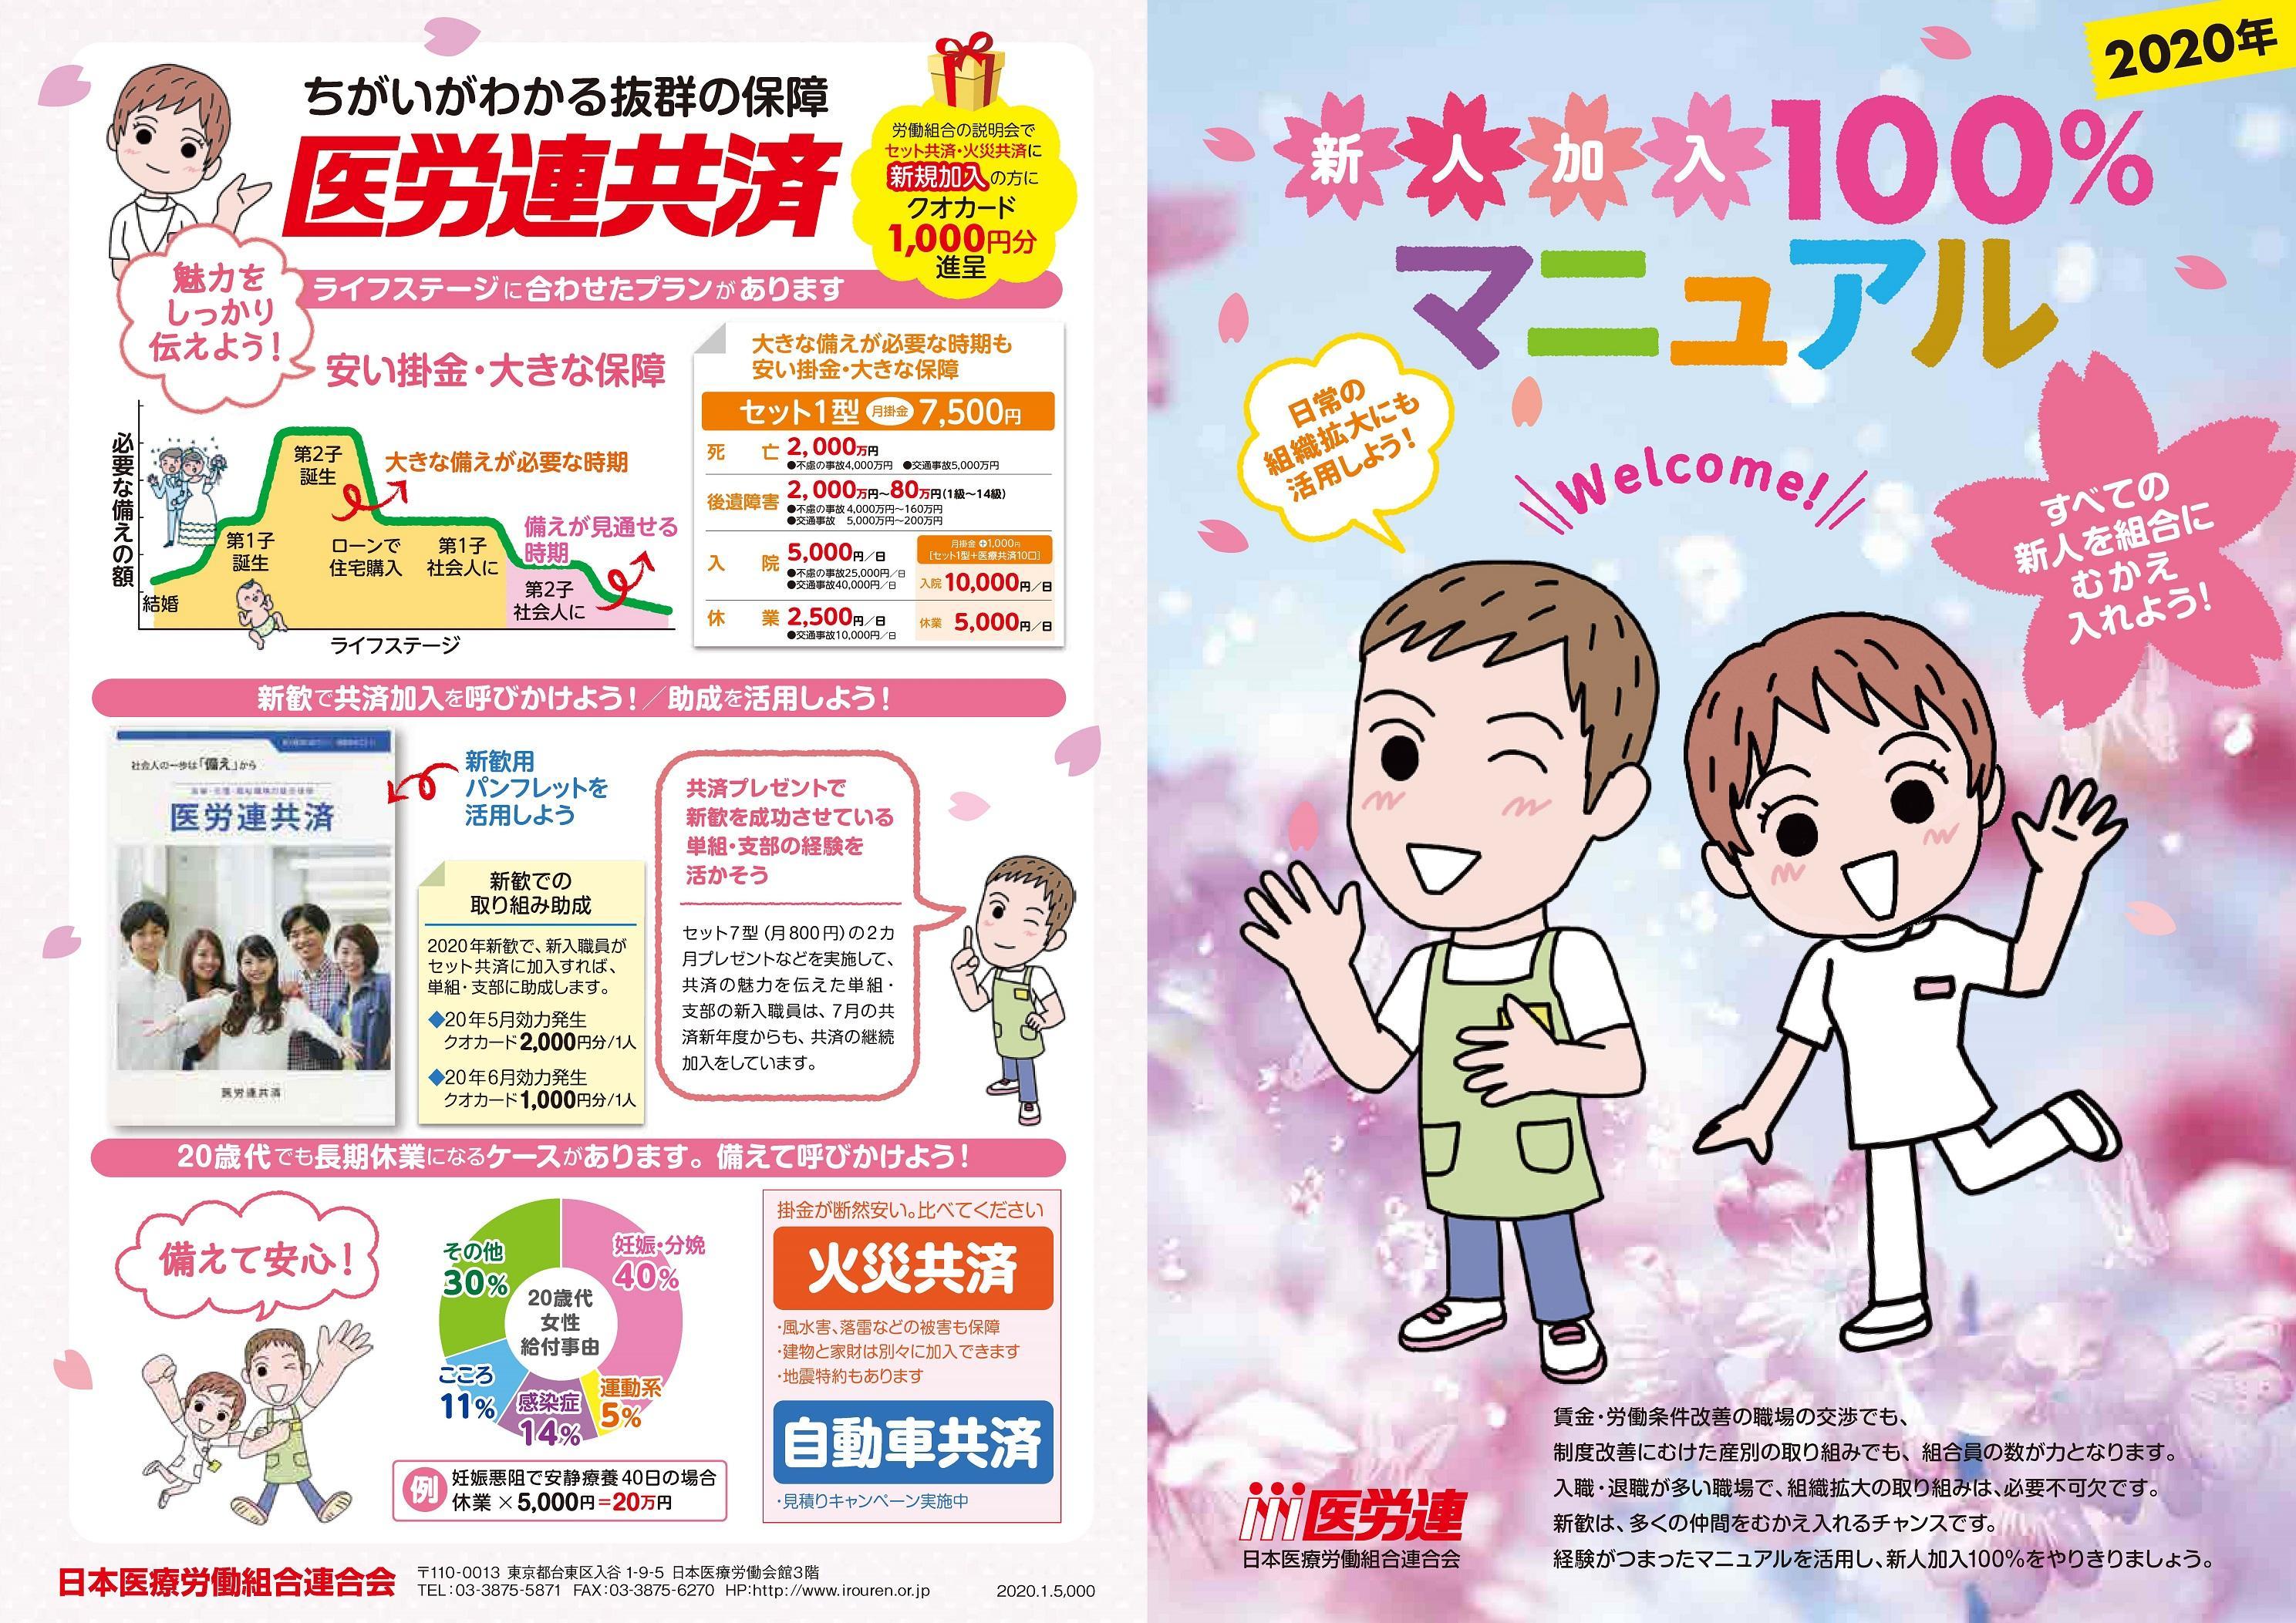 新歓マニュアル表紙.jpg